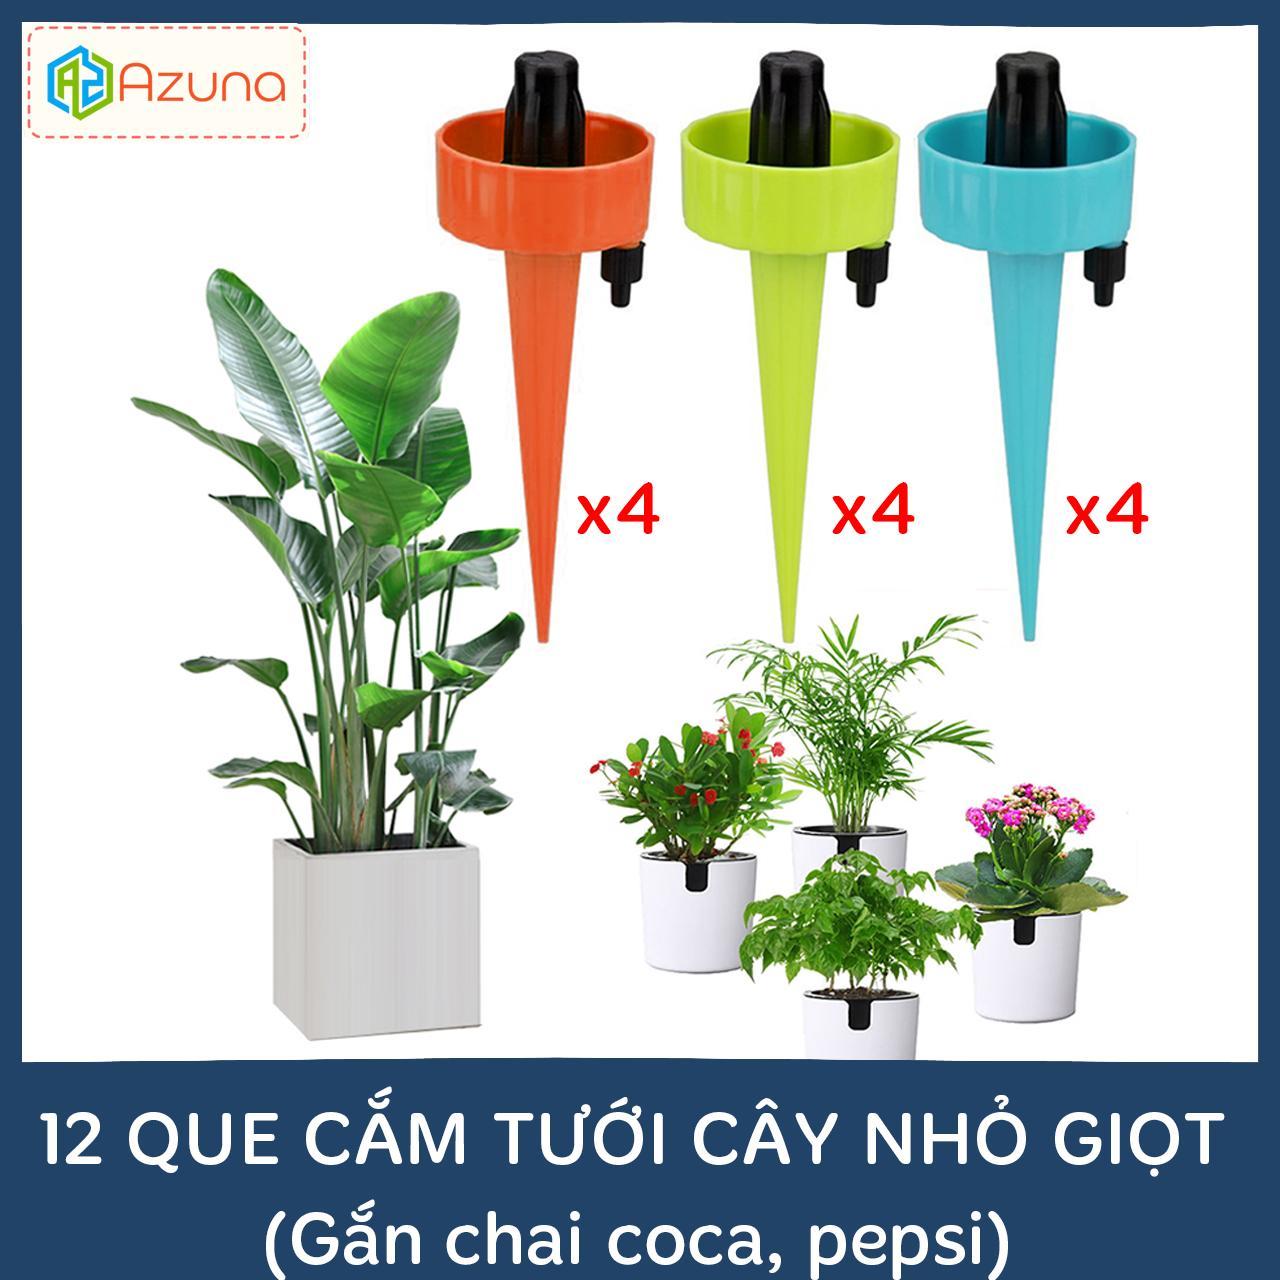 Set 12 que cắm tưới cây nhỏ giọt (gắn chai coca, pepsi, dễ dàng điều chỉnh lượng nước tưới cây cảnh)